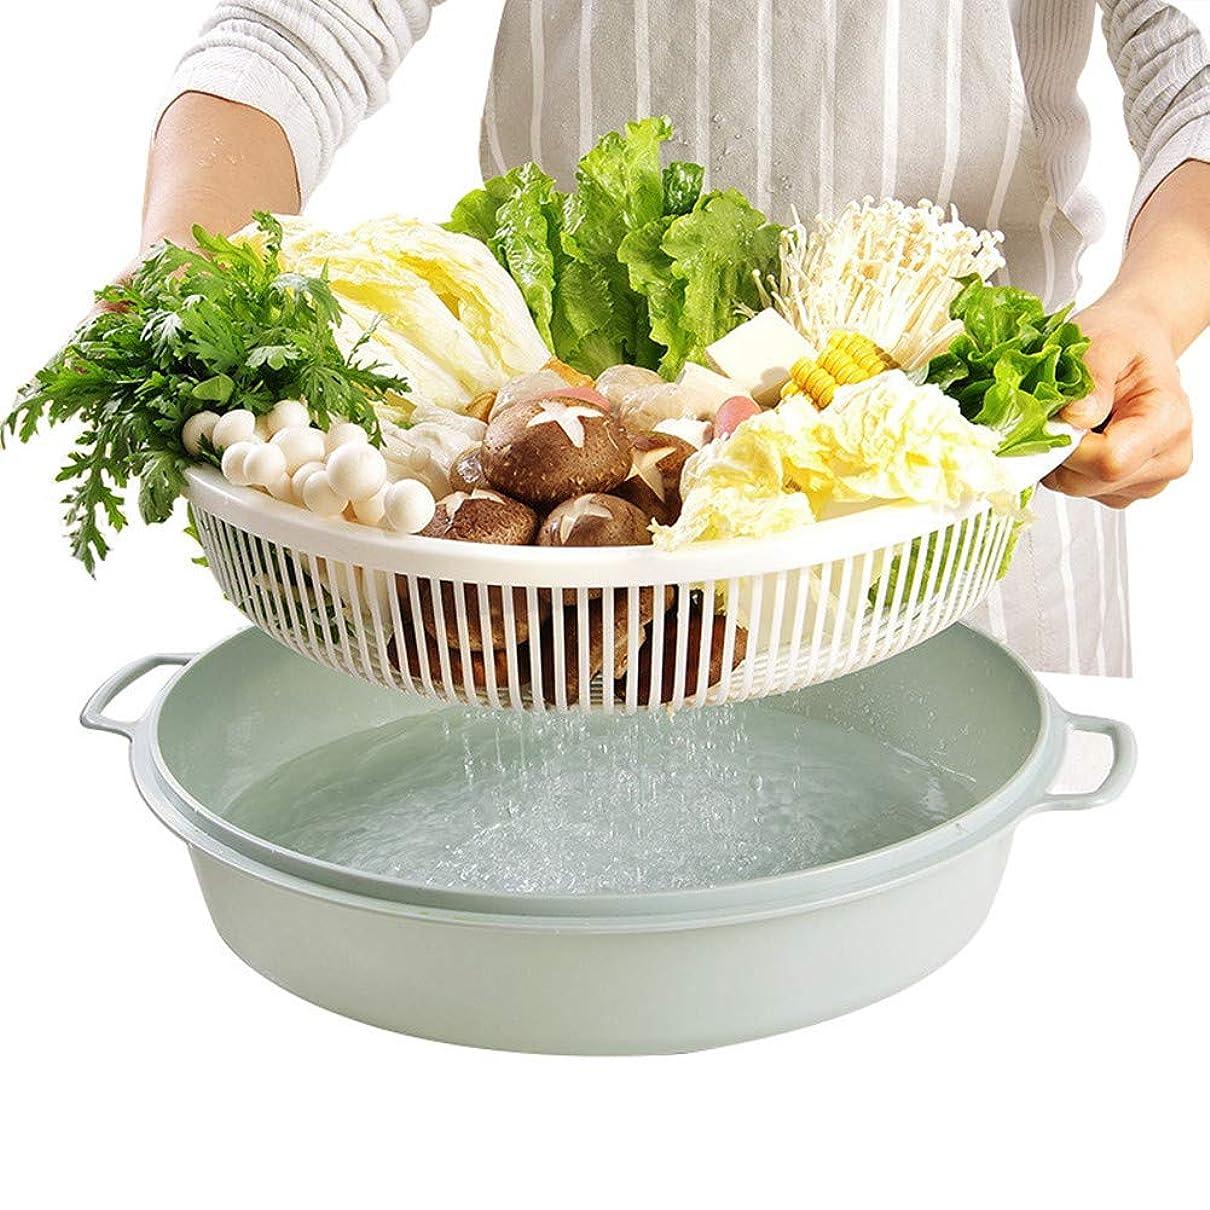 バルセロナチケット完全に乾く多機能野菜と果物の双排水槽に収納かごキッチンに排水槽に食器棚 (グリーン)